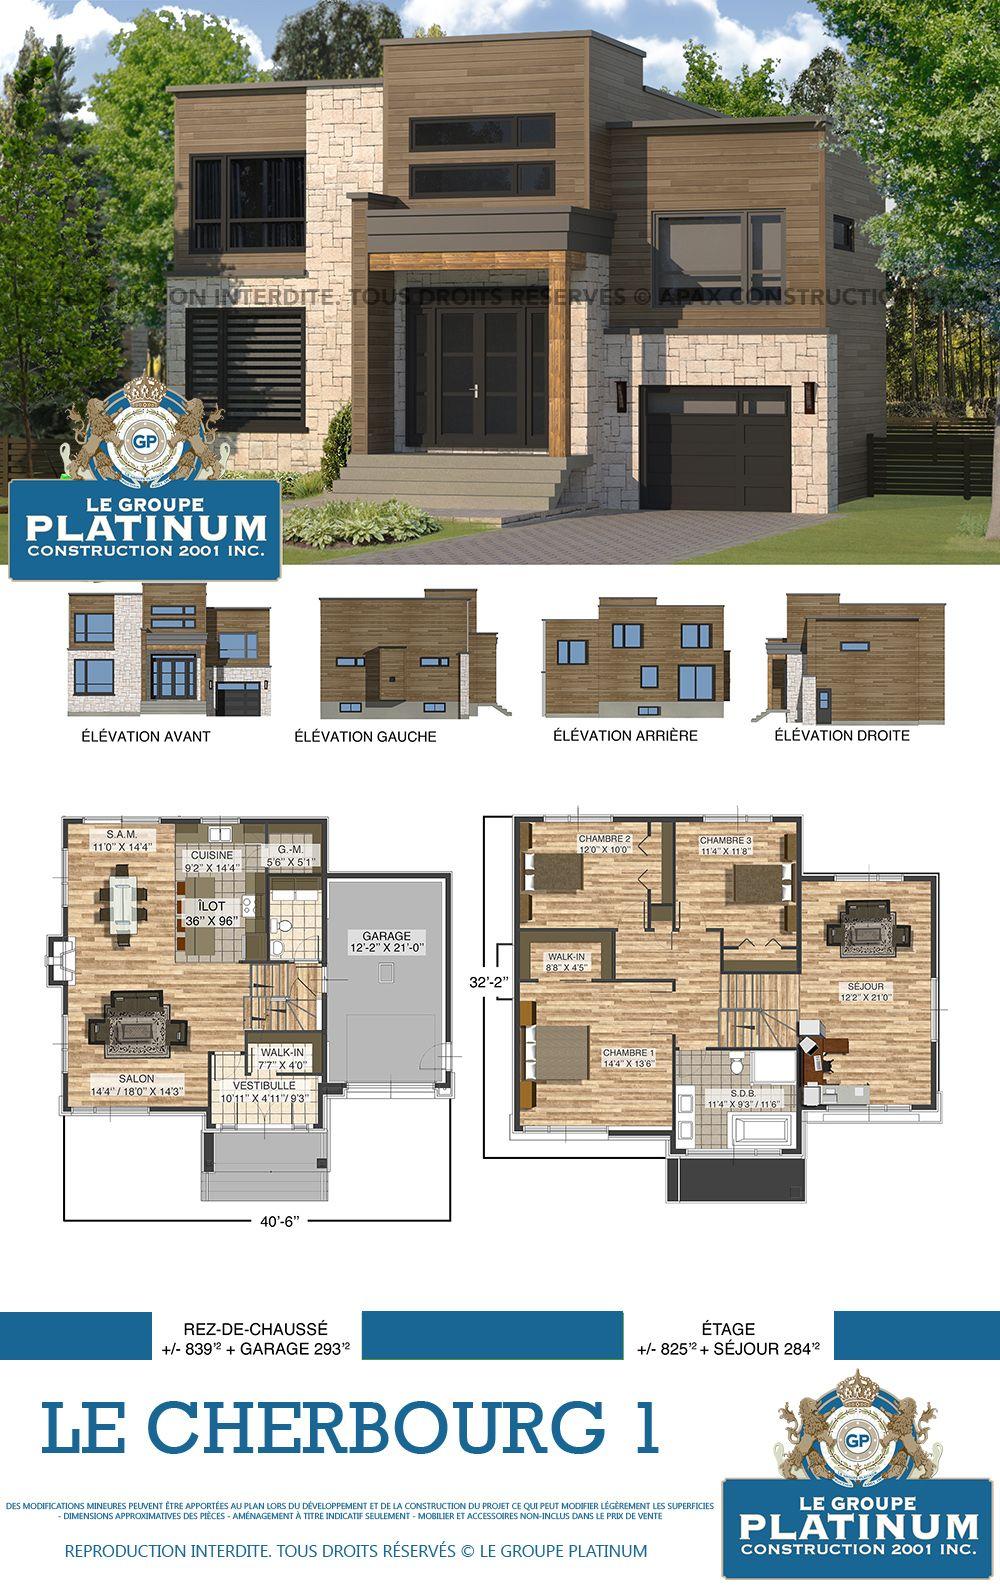 Modèle De Maison Neuve Le Cherbourg Le Groupe Platinum Construction De Maisons Et Condos Ne Dream House Plans Luxury House Plans Contemporary House Plans